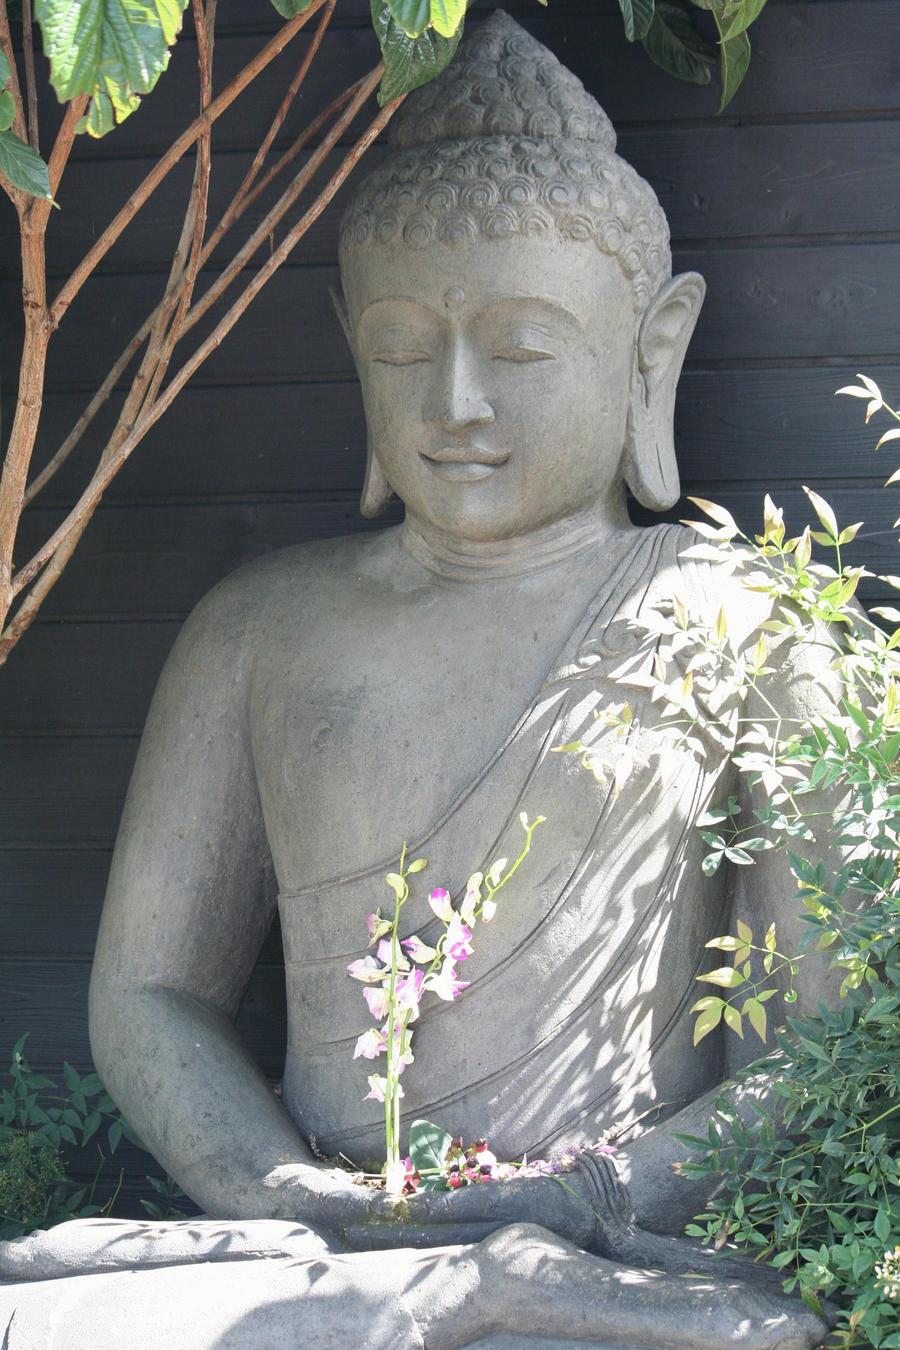 venlo buddhist dating site Western-europe-8-netherlands_v1_m56577569830517932_英语学习_外语学习_教育专区 暂无评价|0人阅读|0次下载 | 举报文档 western-europe-8.